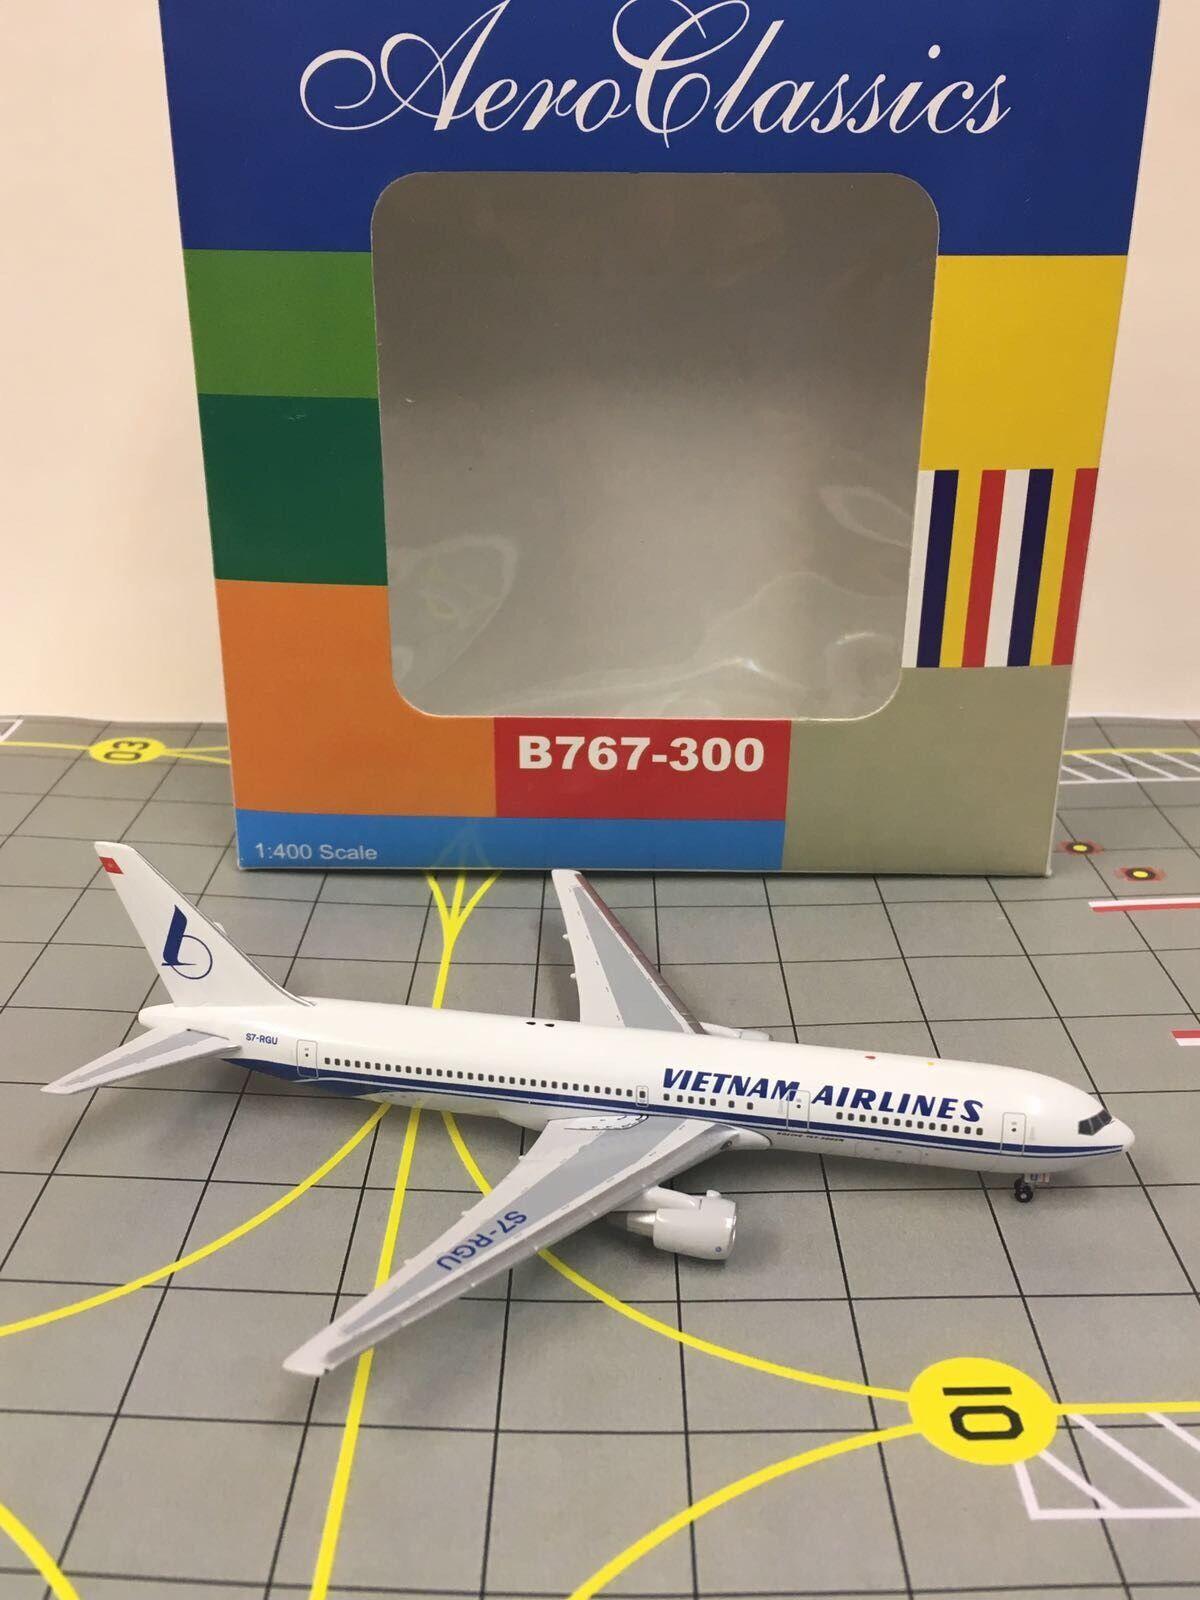 Letztes aeroclassics 1 400 vietnam airlines boeing 767-300 s7-rgu